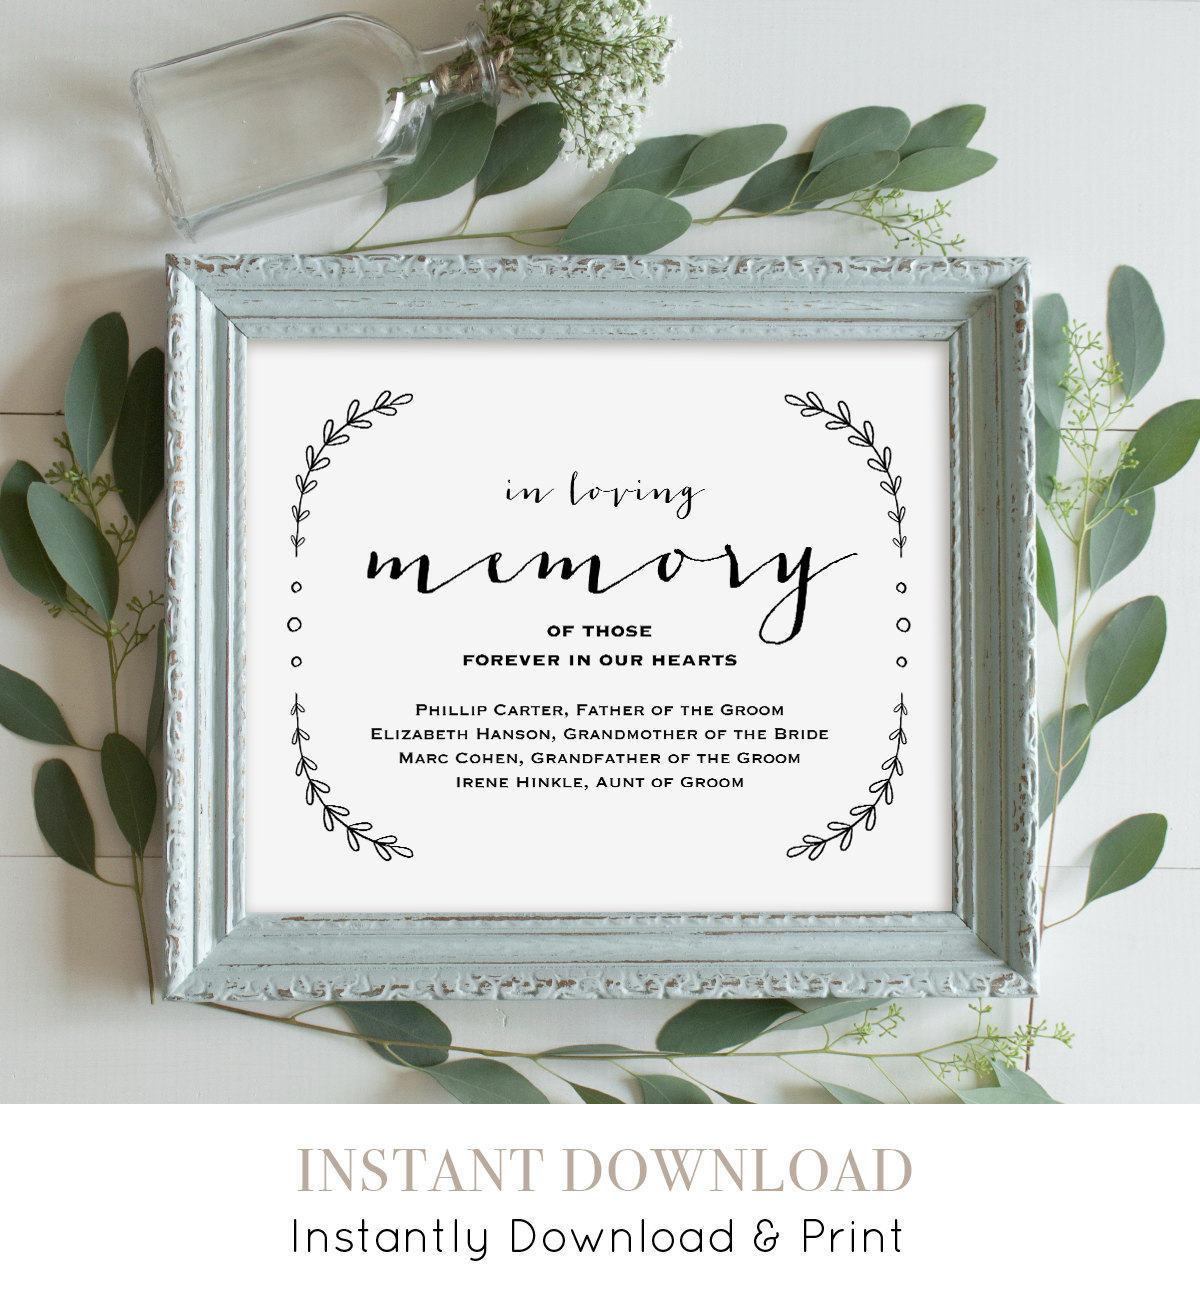 In Loving Memory Sign Template, Printable Wedding Memorial Sign ...